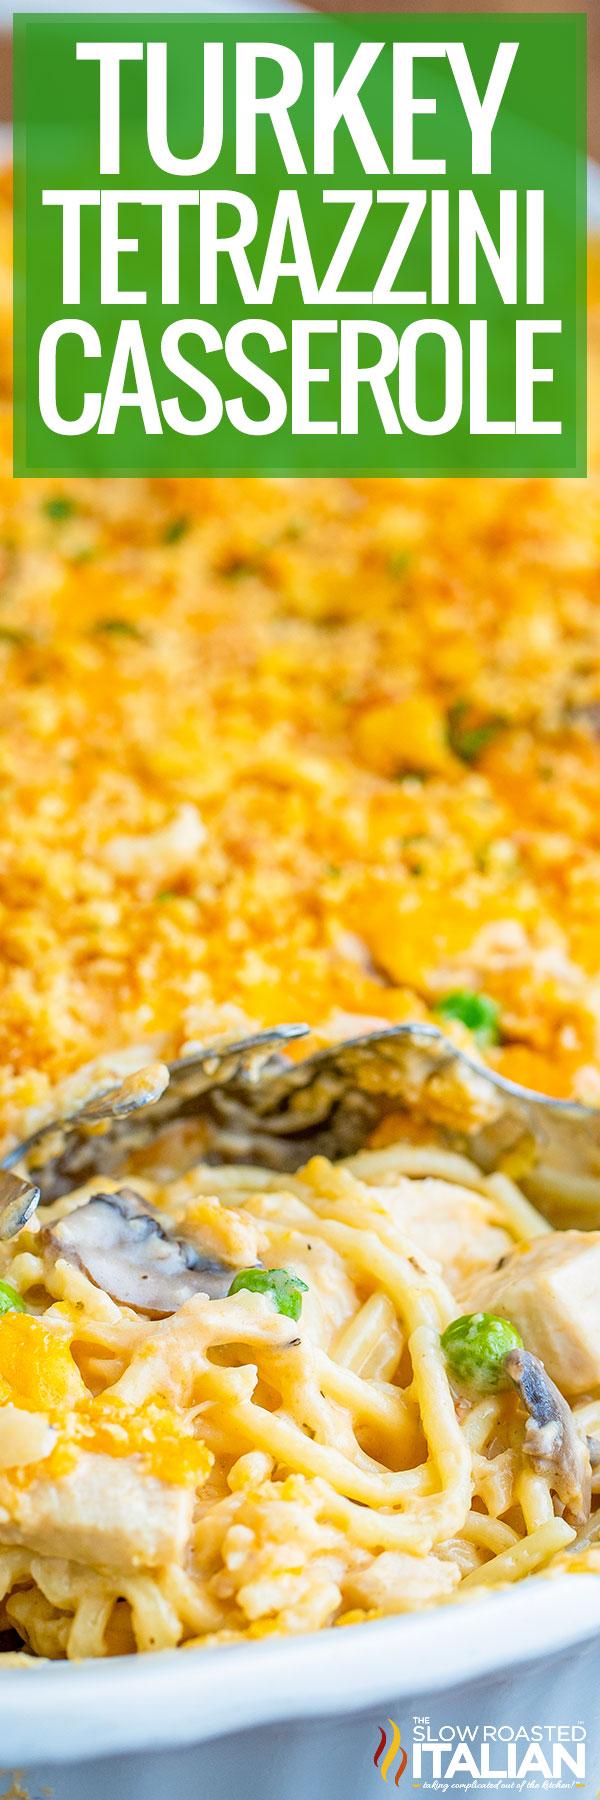 Turkey Tetrazzini Casserole closeup